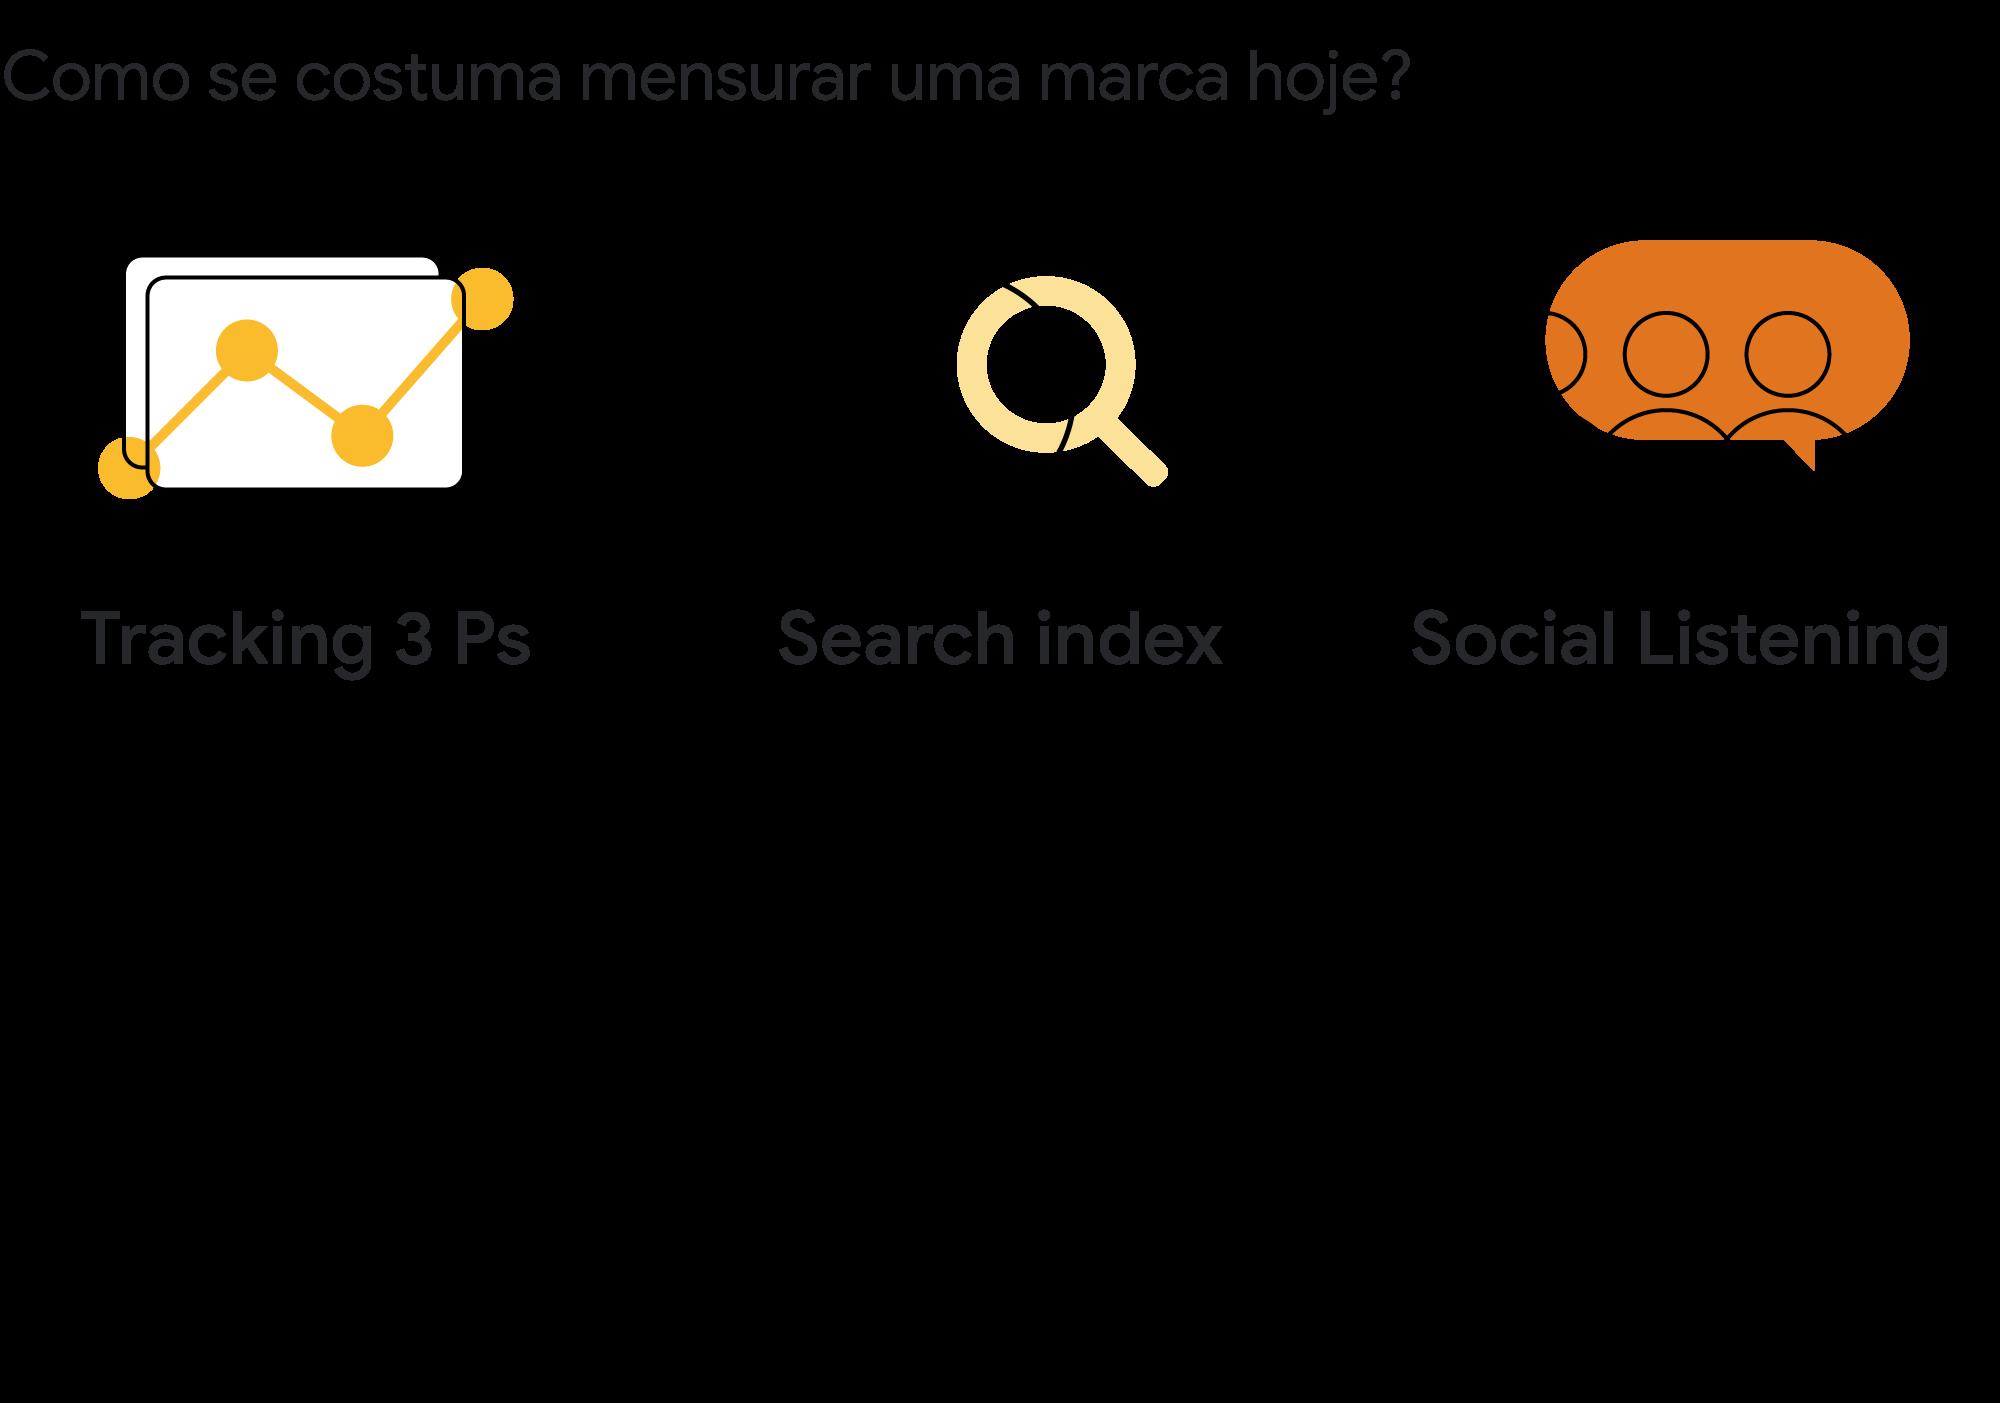 Databranding: saiba como usar o mindset de performance para a construção de marca